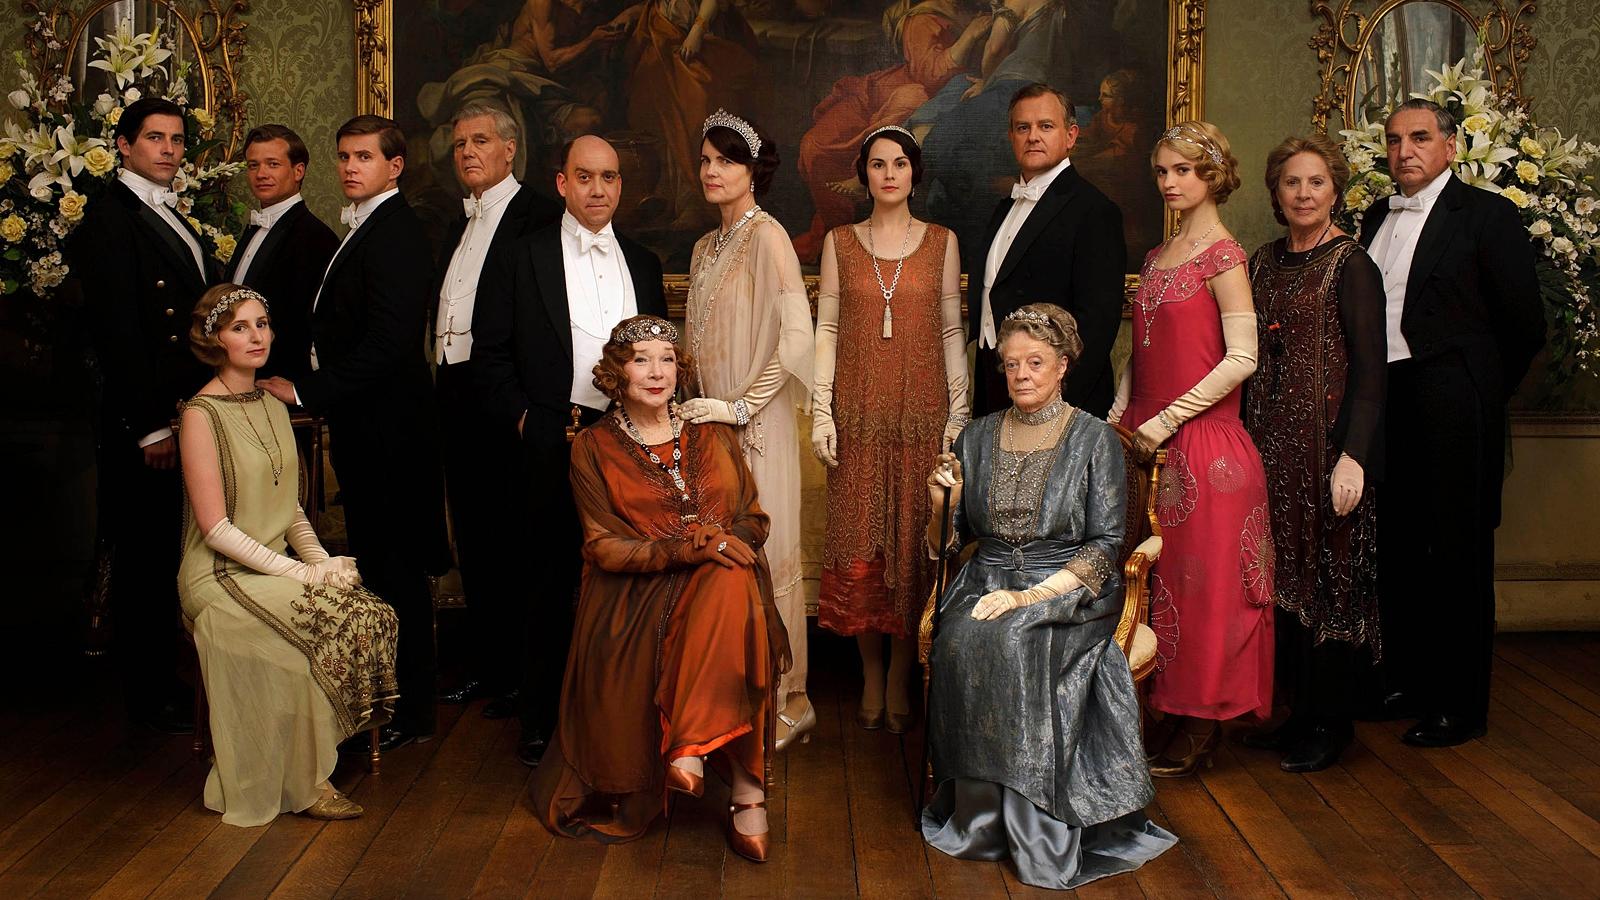 Original TV cast to reunite for Downton Abbey movie